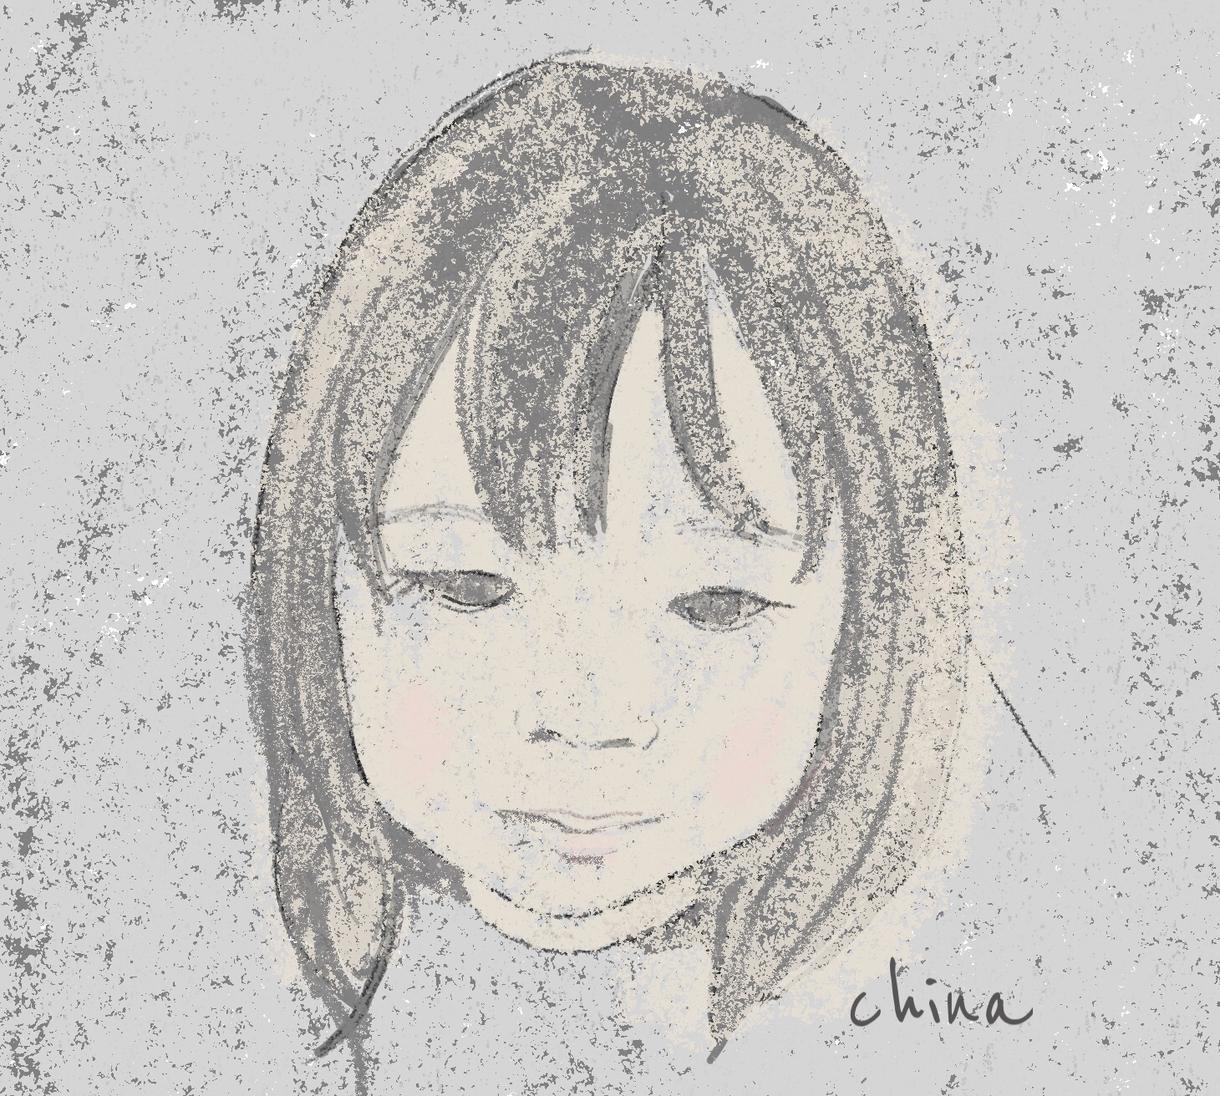 修正無制限*雰囲気のある子供の絵描きます お子様の成長の記念などに。似顔絵のプレゼントにも!